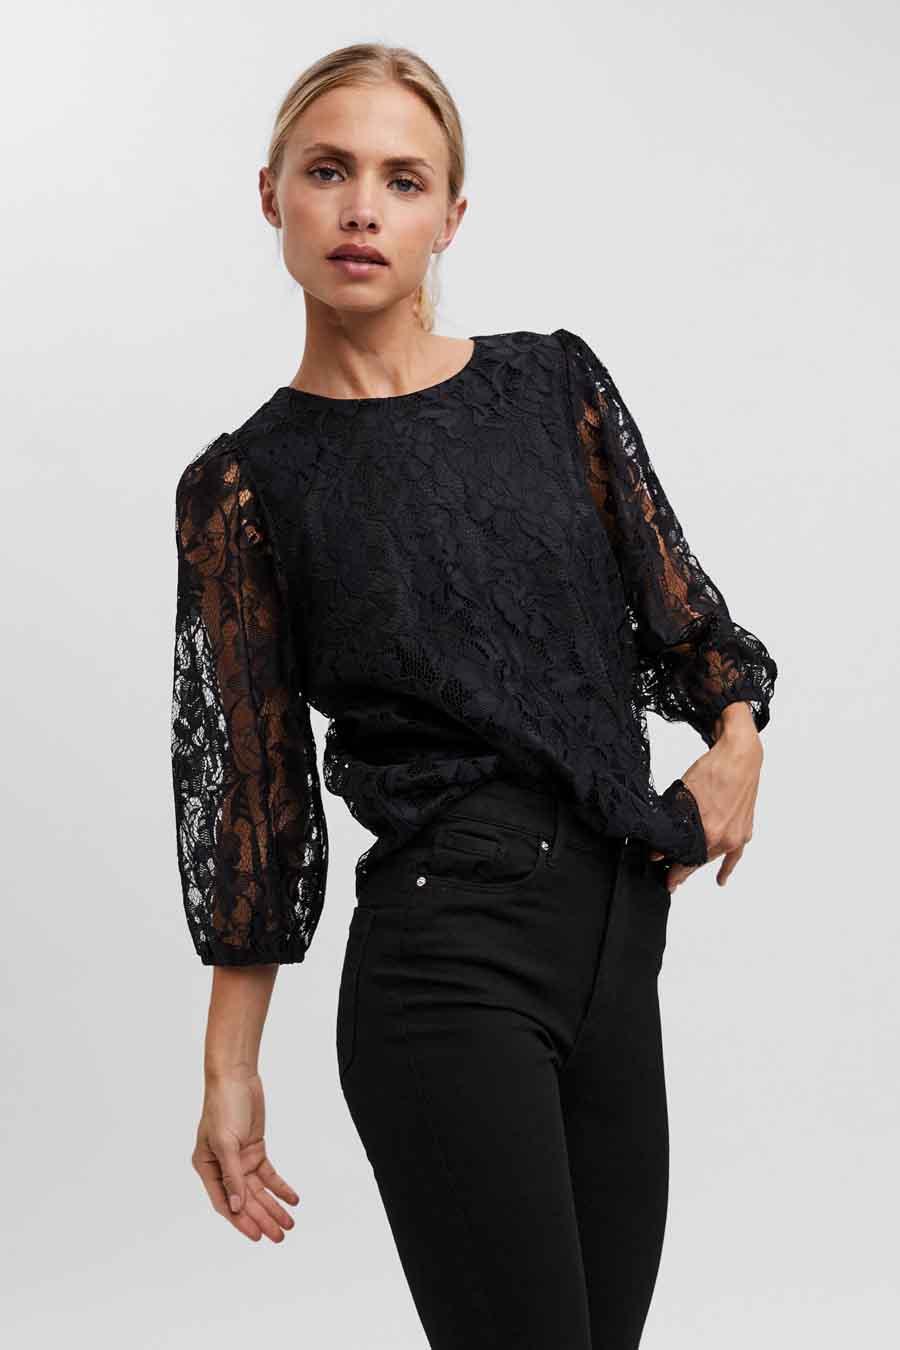 Vero Moda® Blouse lange mouwen, Zwart, Dames, Maat: XS/S/M/L